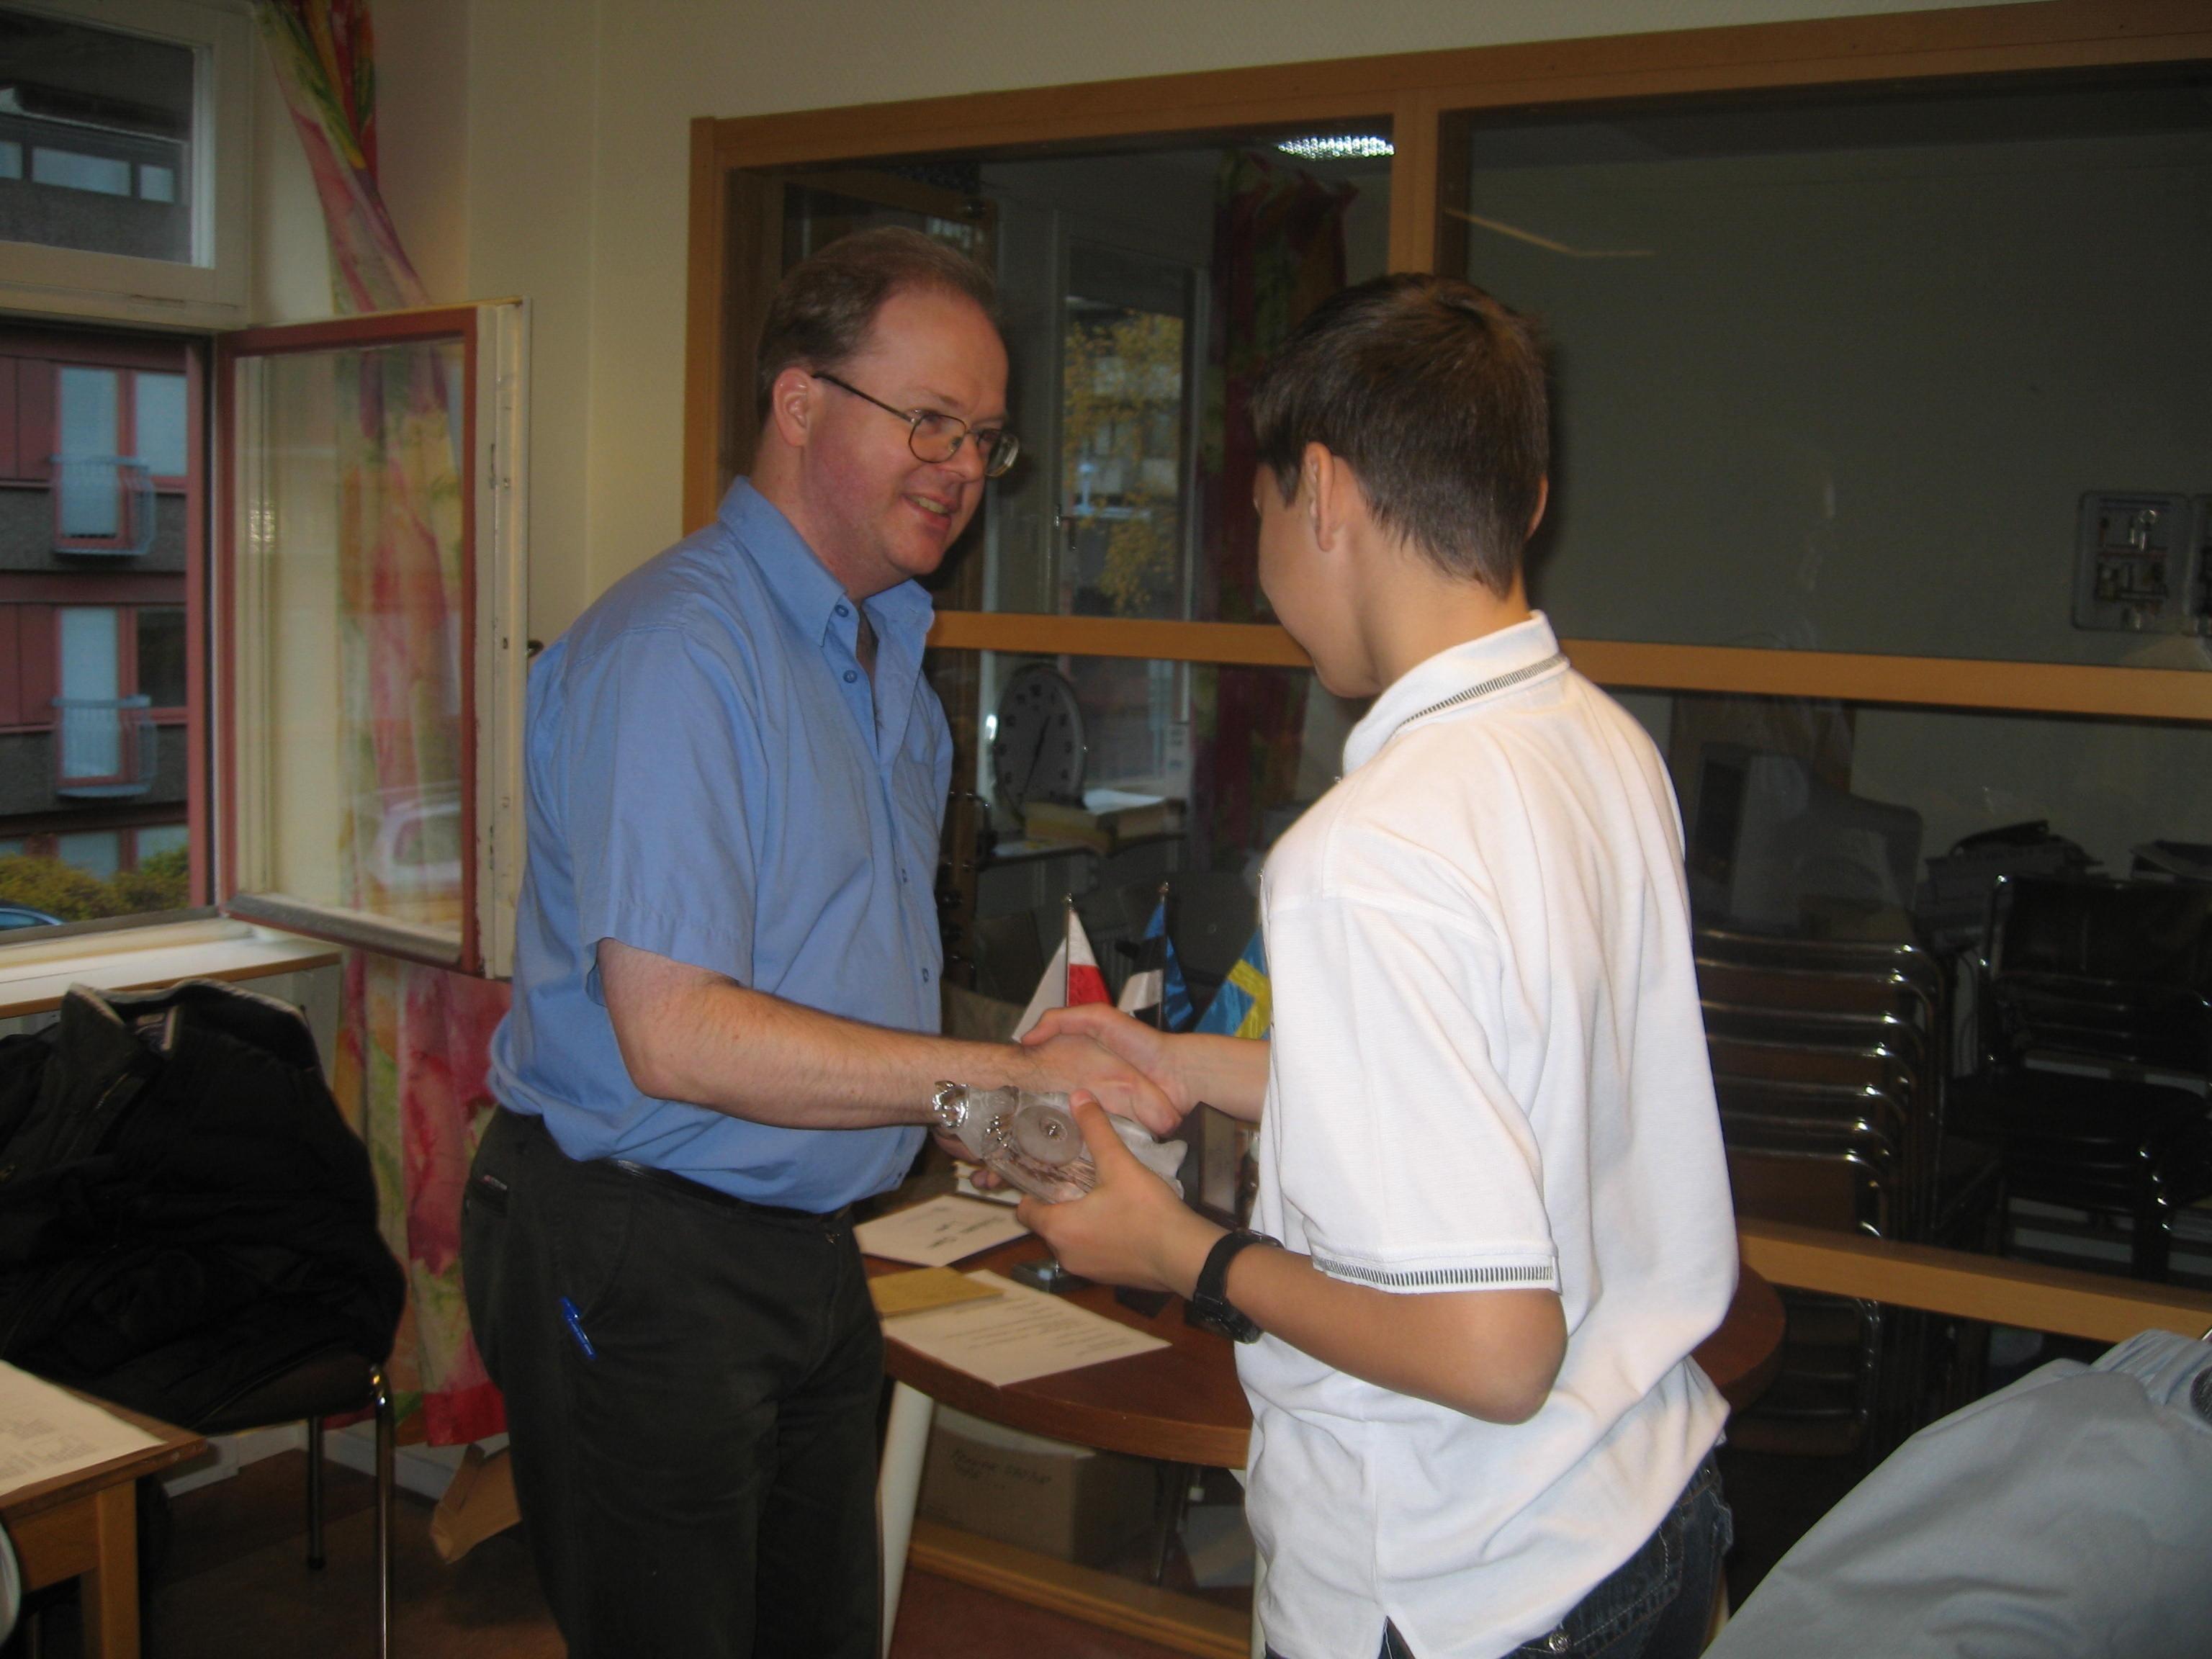 Tävlingens suveräne slutsegrare Dariusz Swiercz får motta solid glasviking och priskuvert